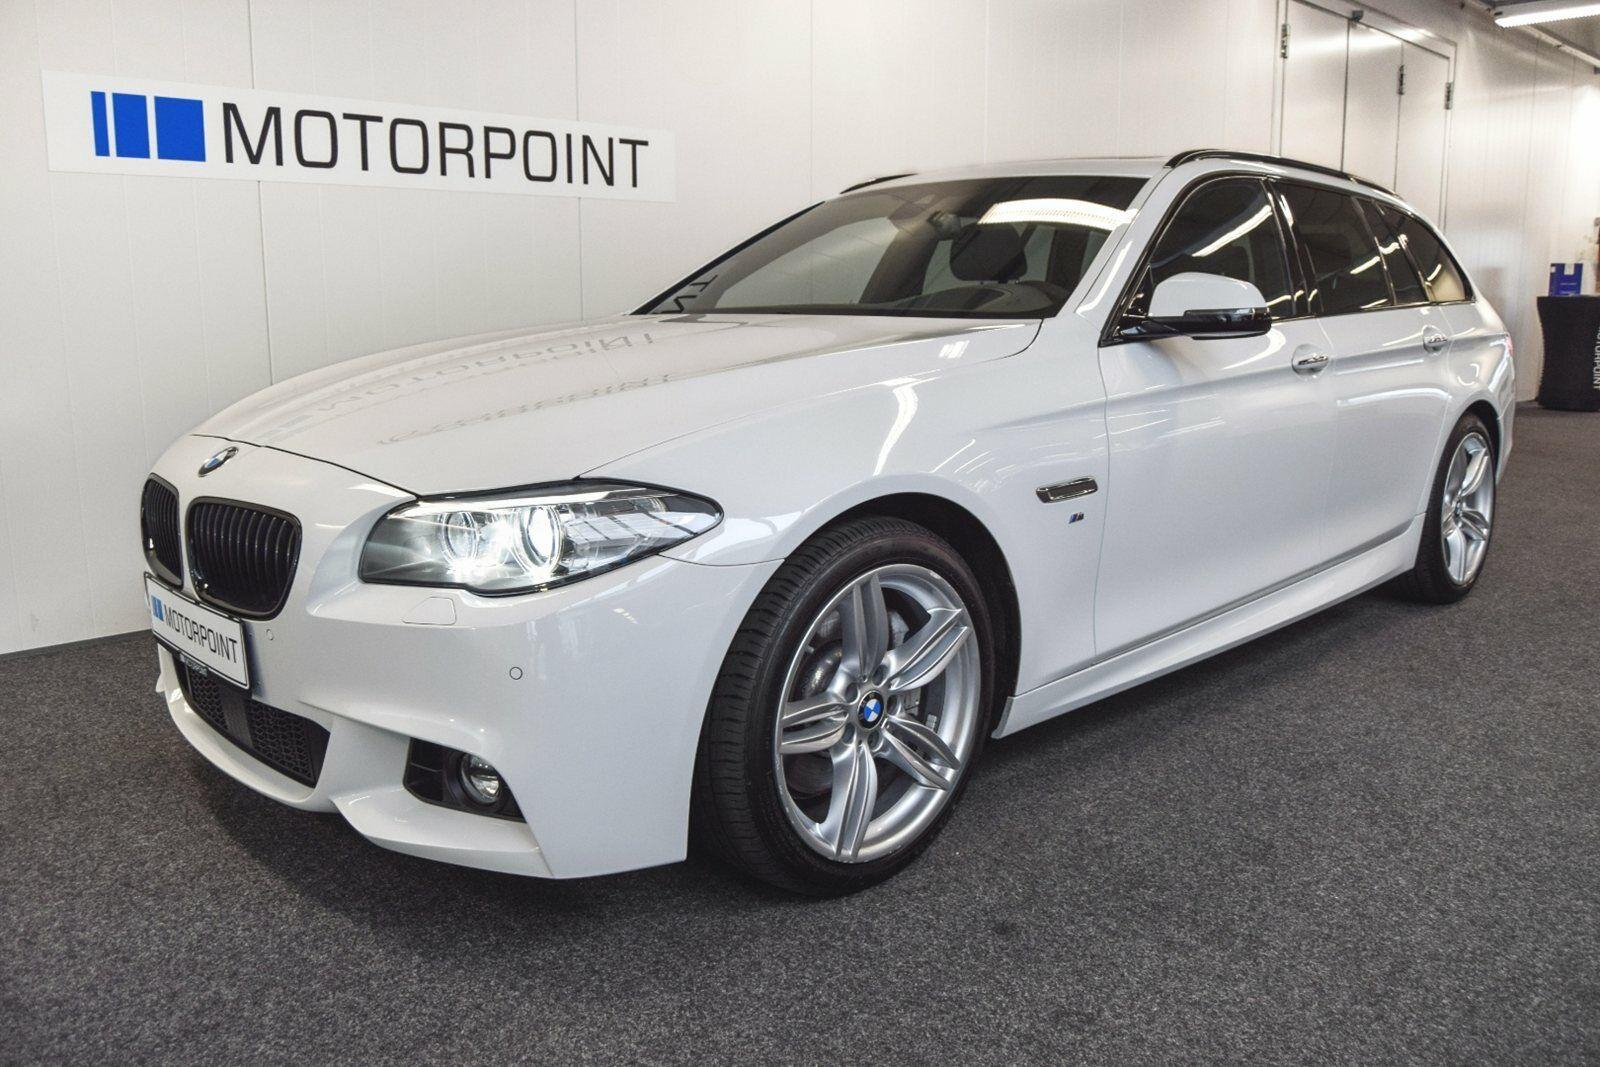 BMW 525d 2,0 Touring M-Sport aut. 5d - 499.900 kr.